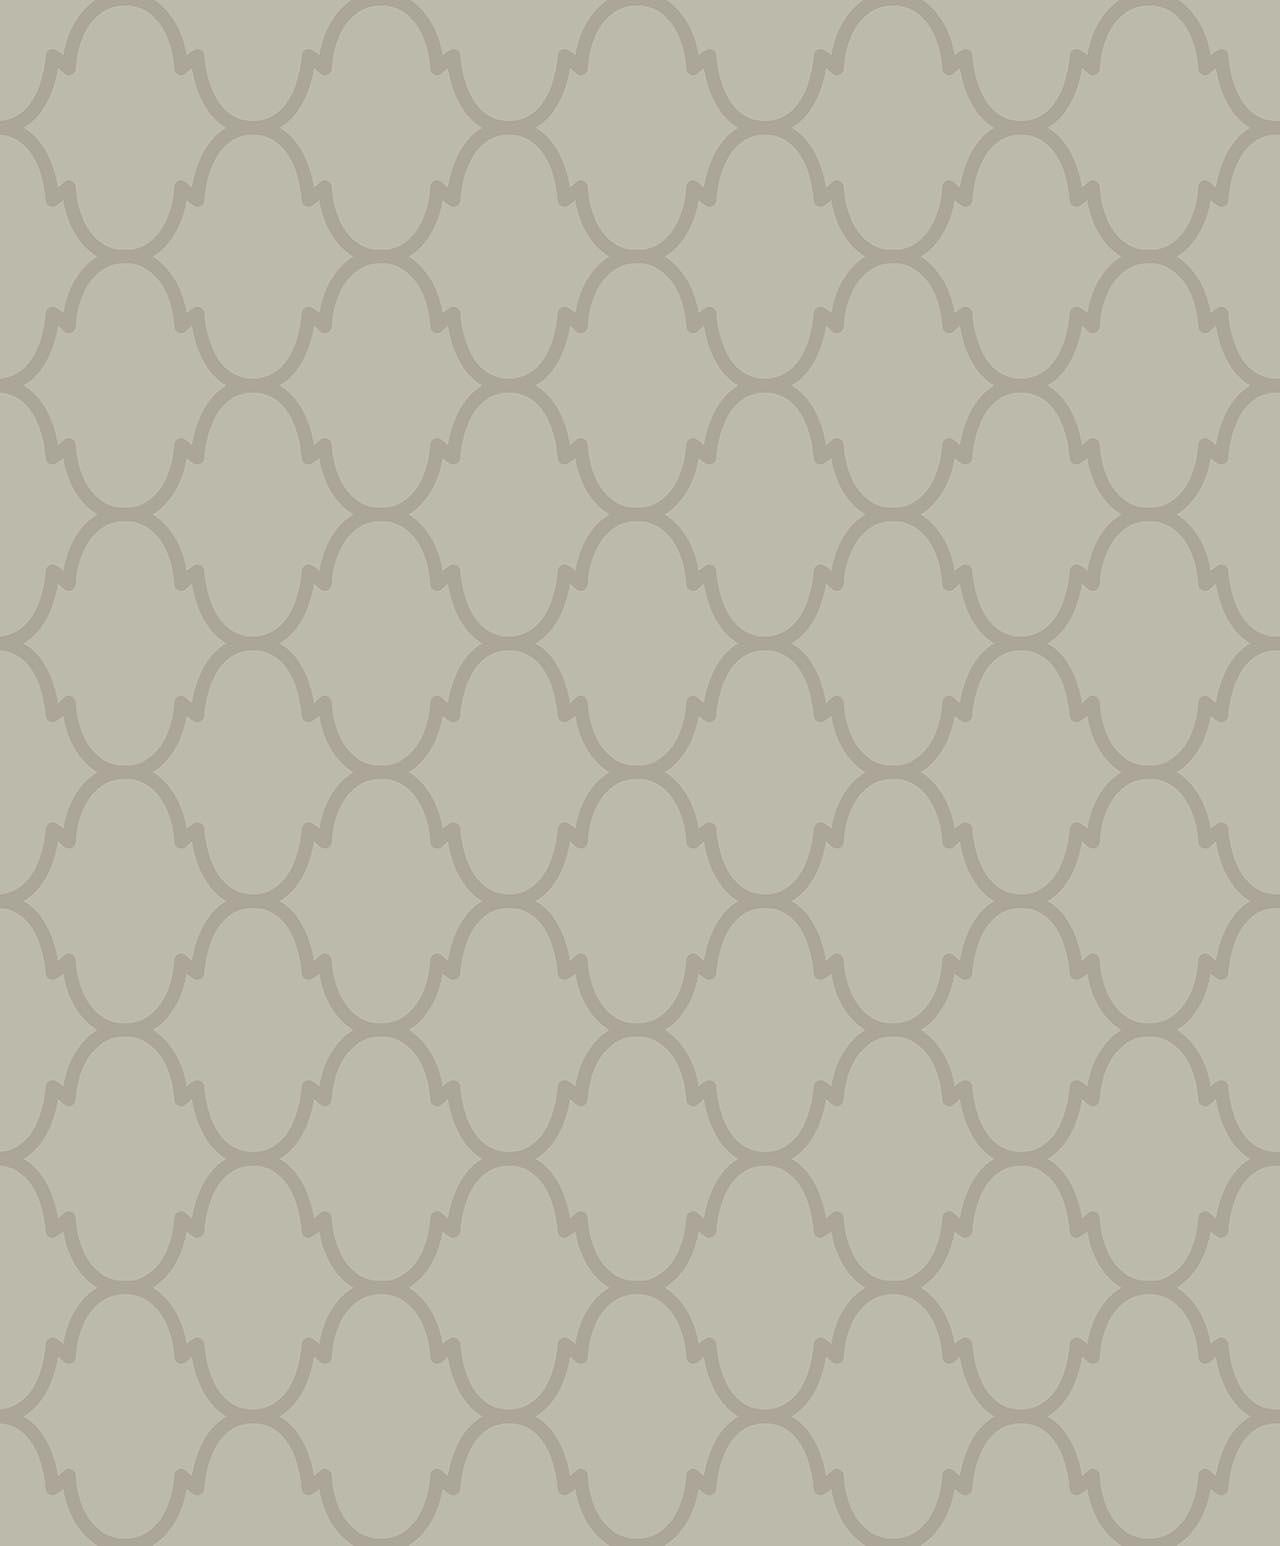 MARRAKESH BEIGE A-decadence wallpaper-DC00151